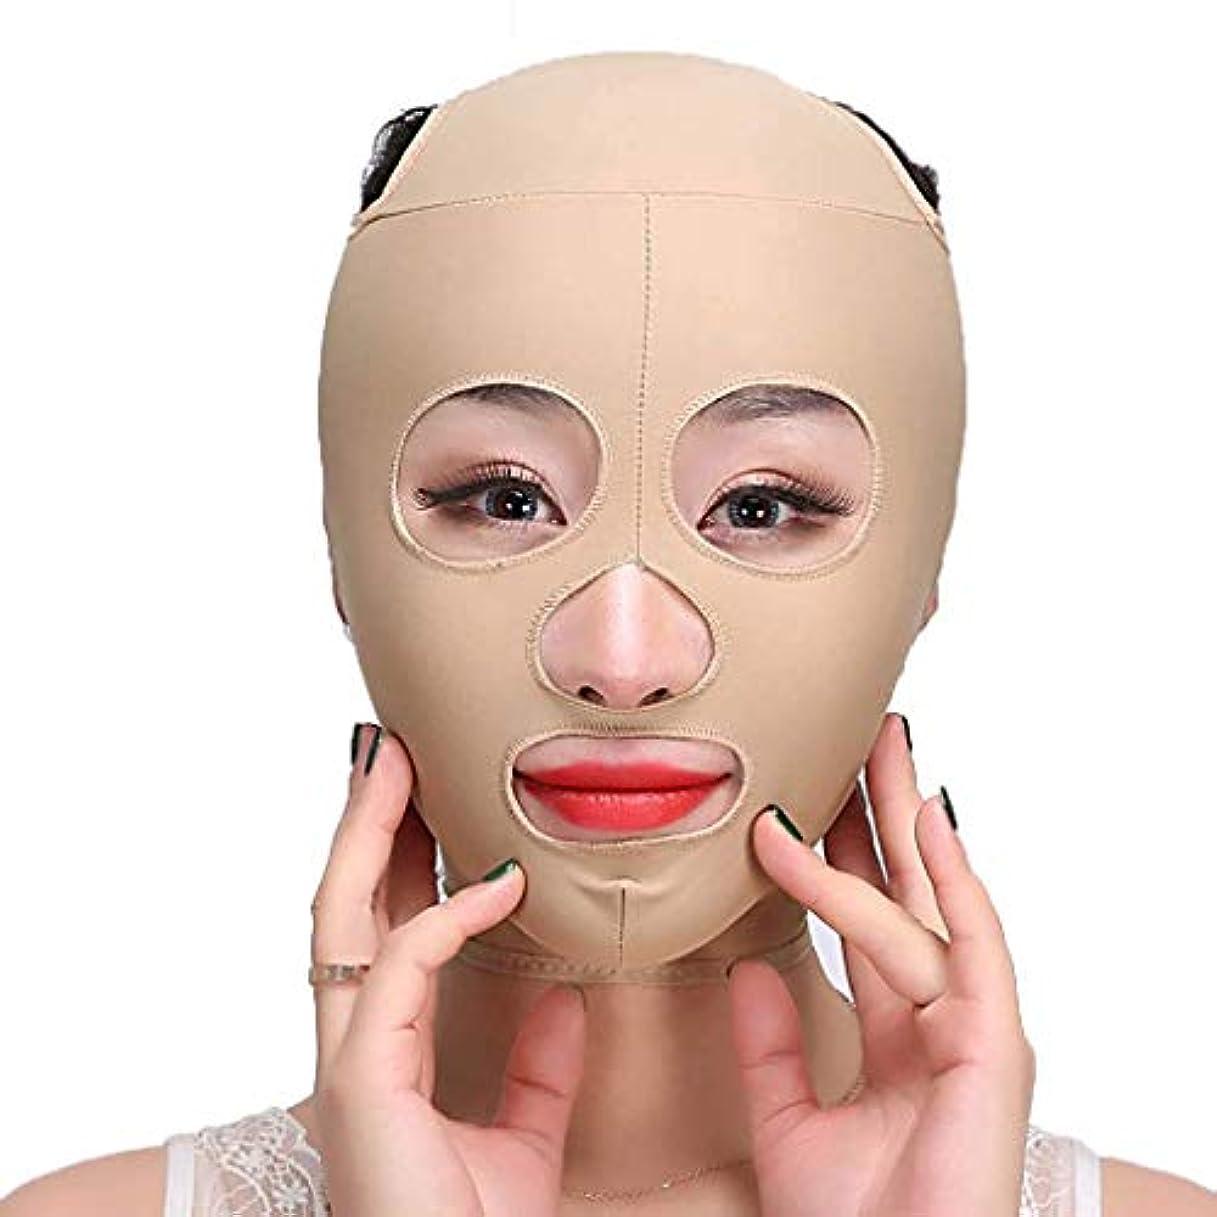 批判的に比類のない値痩身ベルト、フェイスマスクシンフェイス機器リフティング引き締めVフェイス男性と女性フェイスリフティングステッカーダブルチンフェイスリフティングフェイスマスク包帯フェイシャルマッサージ(サイズ:M)